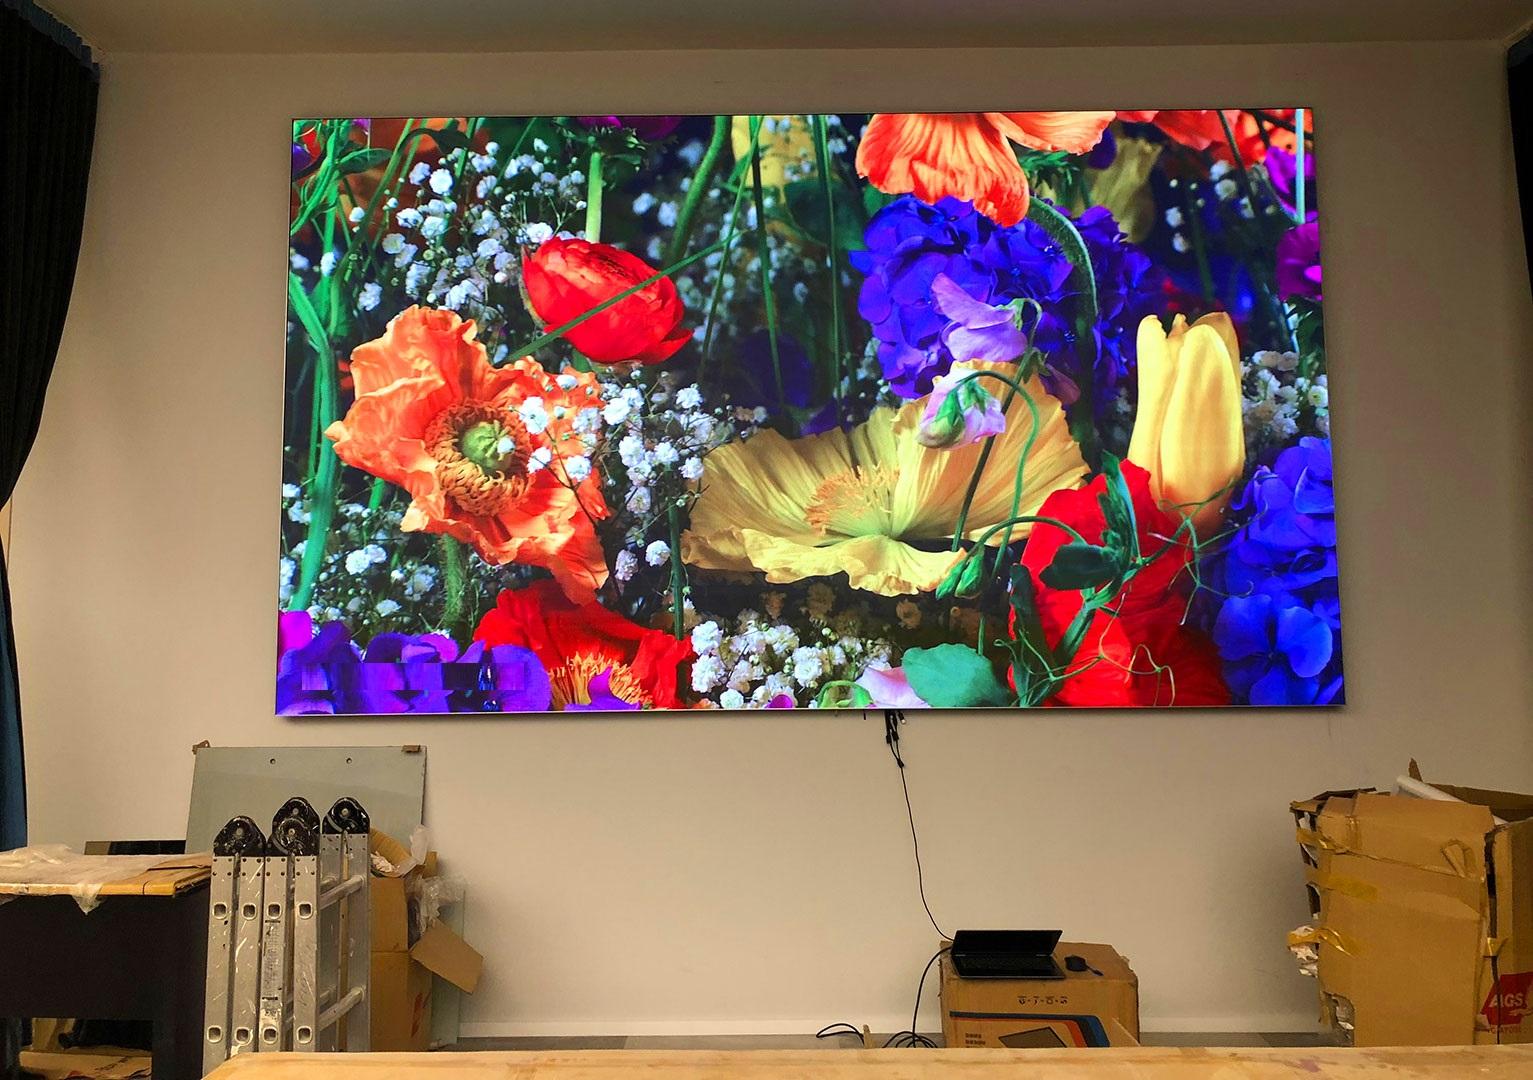 Màn hình LED P2.604 trong nhà với độ làm tươi cao, không gây sọc, nhiễu khi trình chiếu